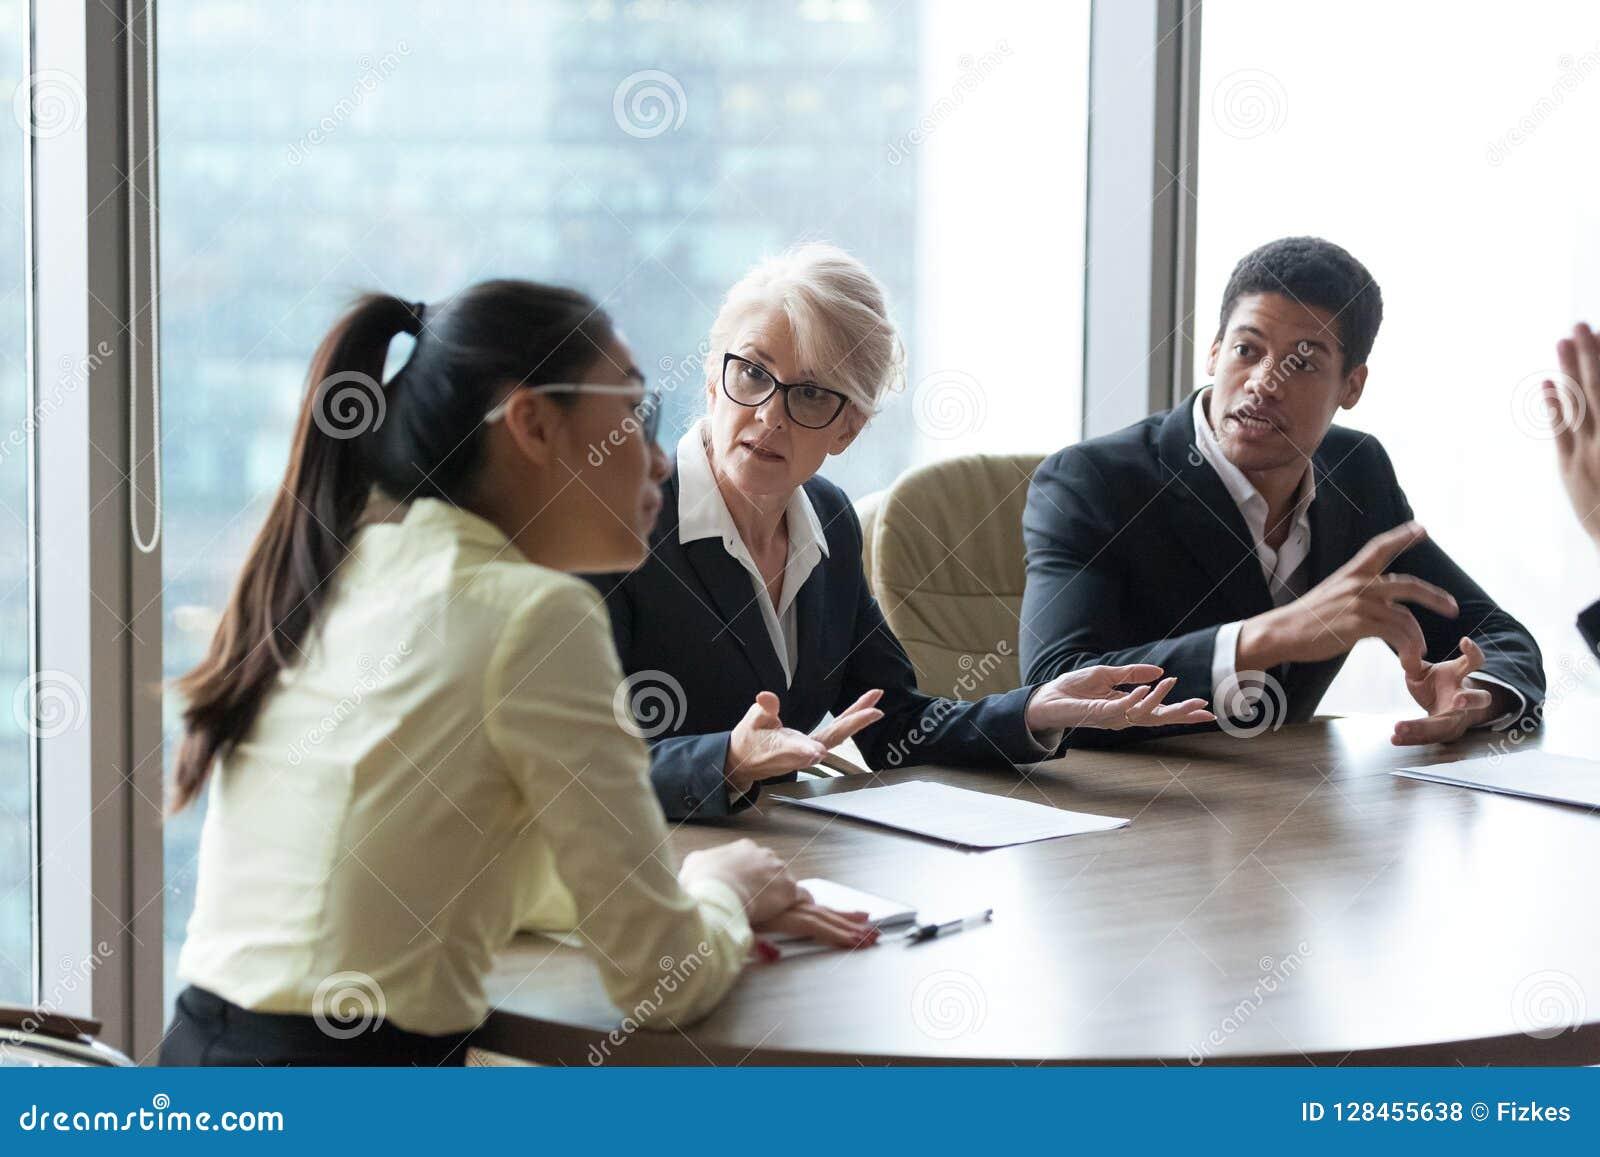 Angestellte diskutieren beschuldigen Kollegen während der Generalversammlung